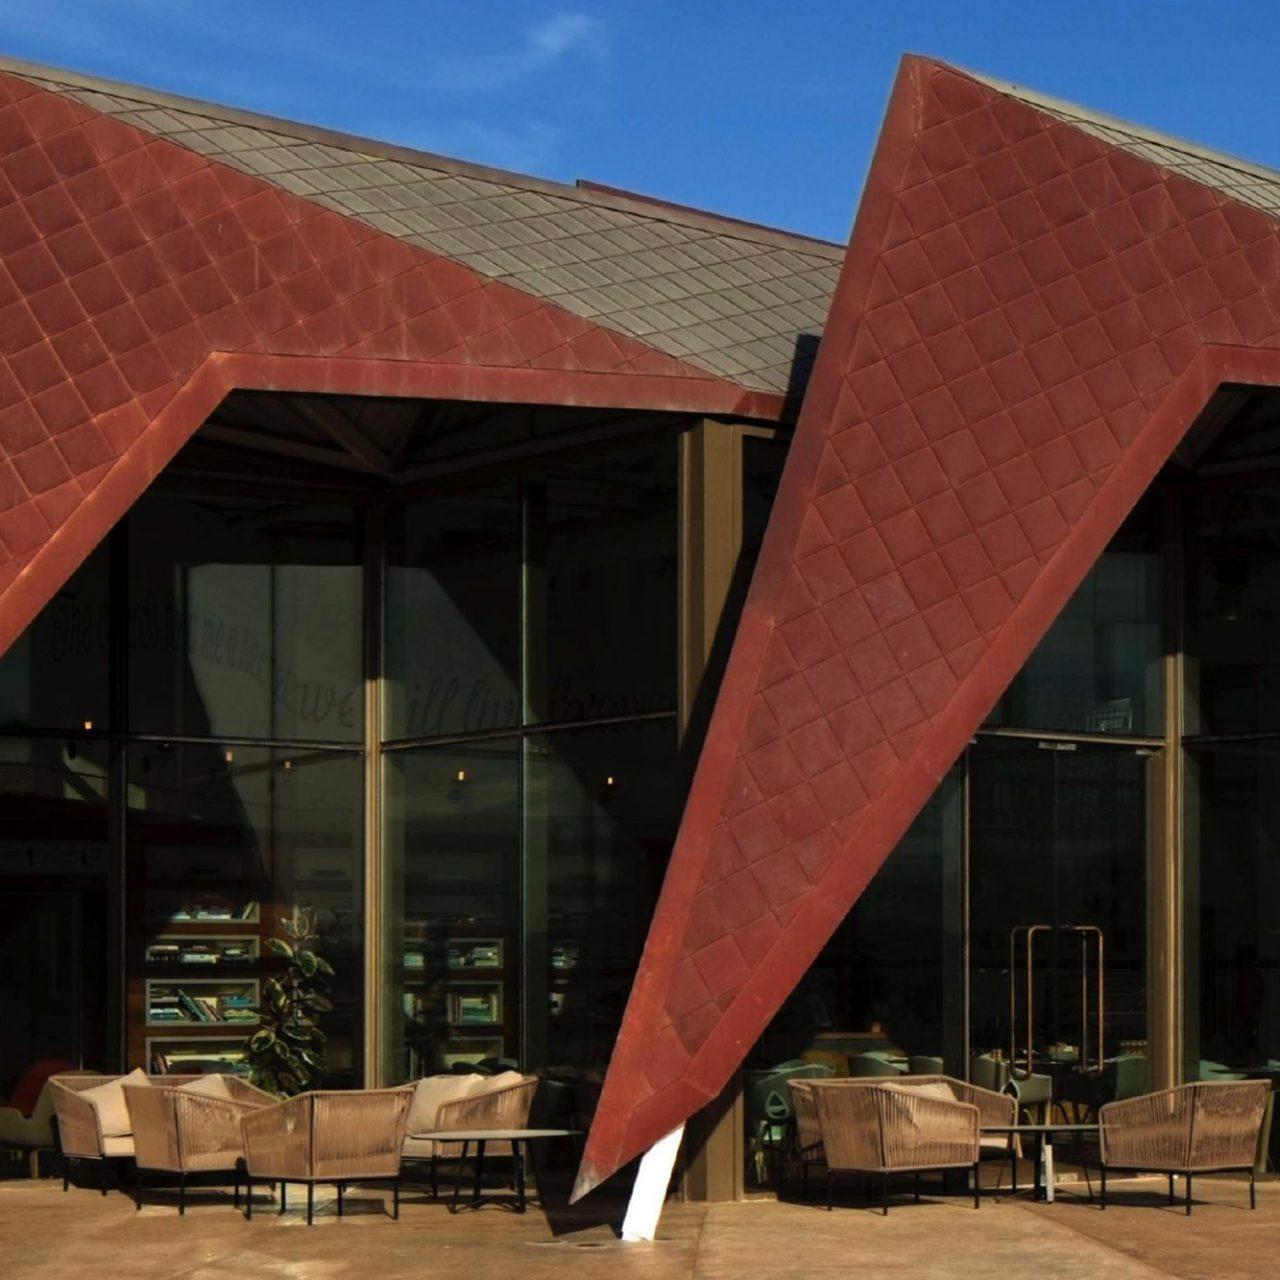 Mleiha Archaeological Centre. Die gezackten Formen sollen an eine Wüstenblume erinnern.